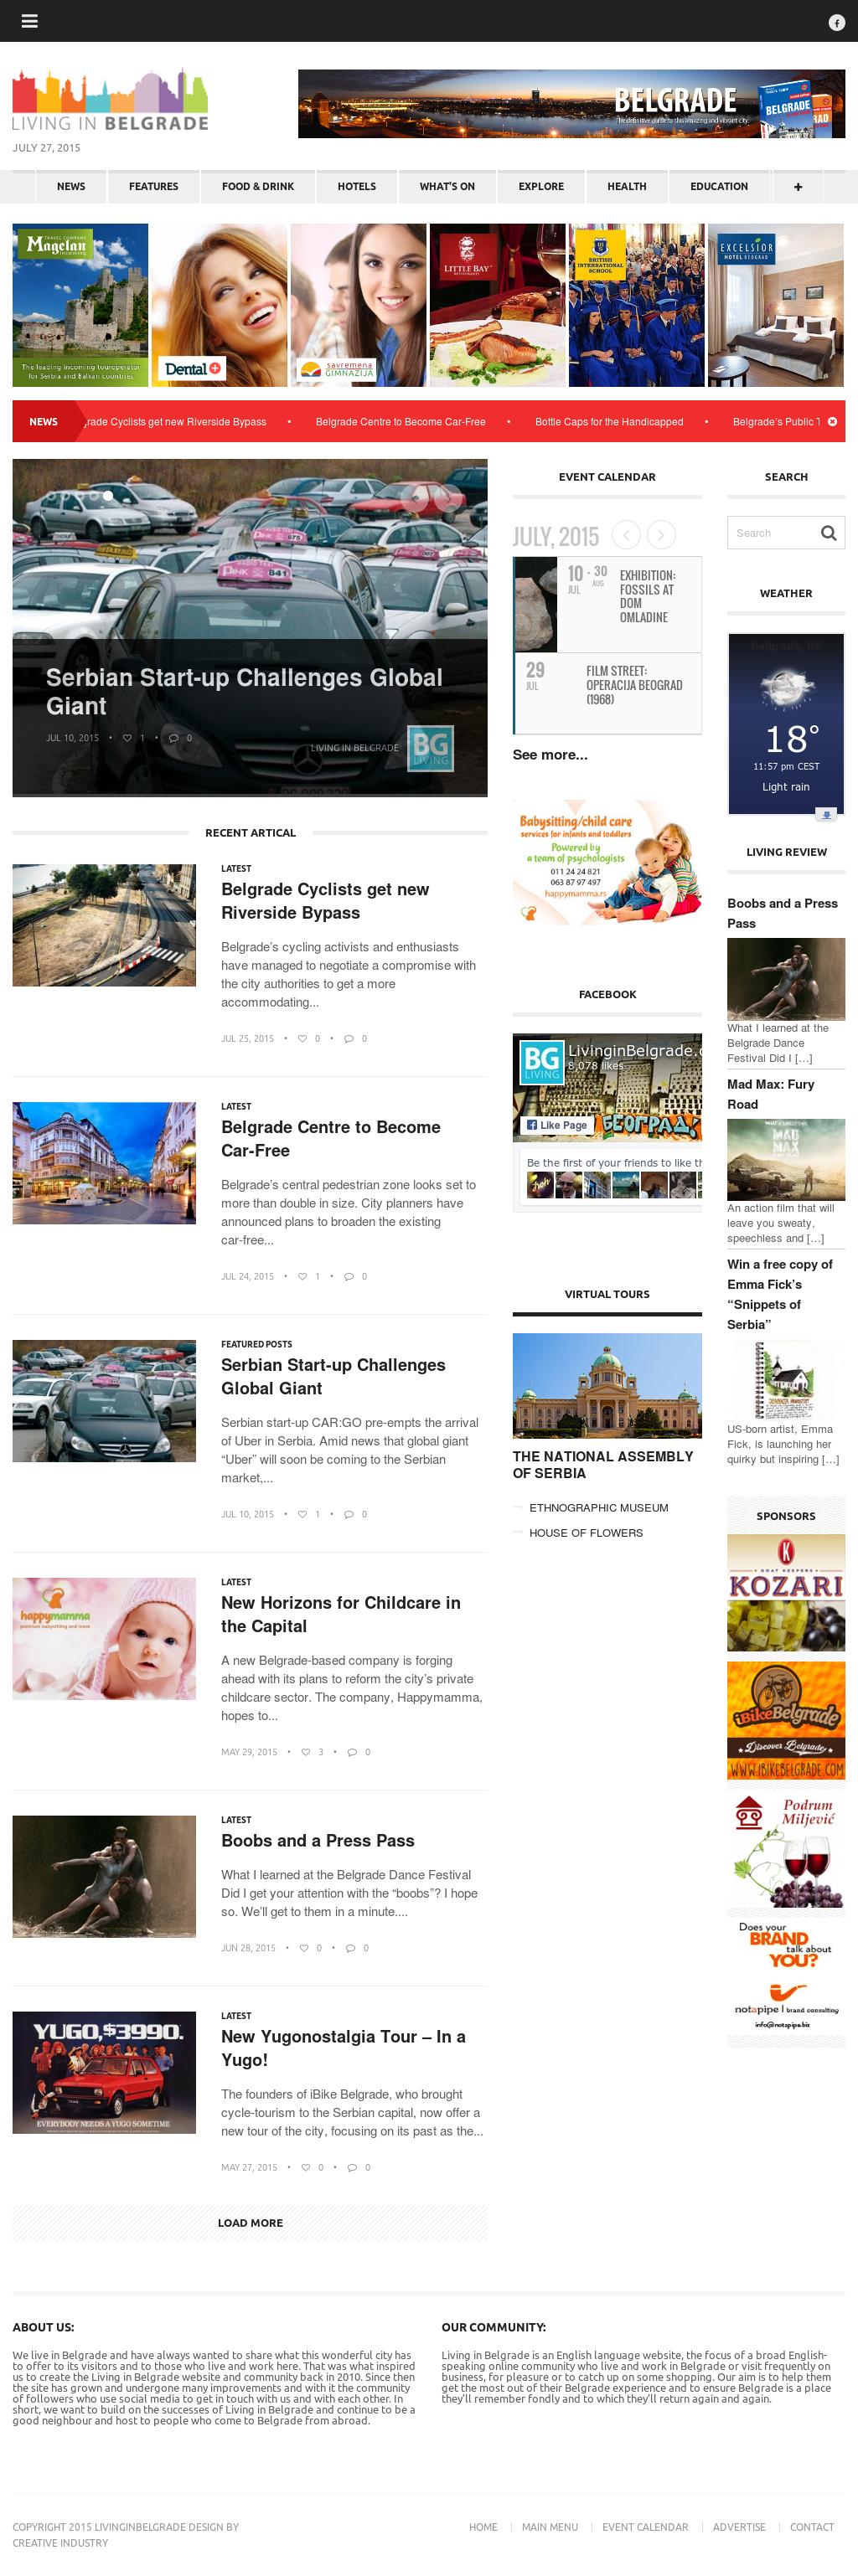 Owler Reports - Thai Time Blog Dongle Emulator Wilcom